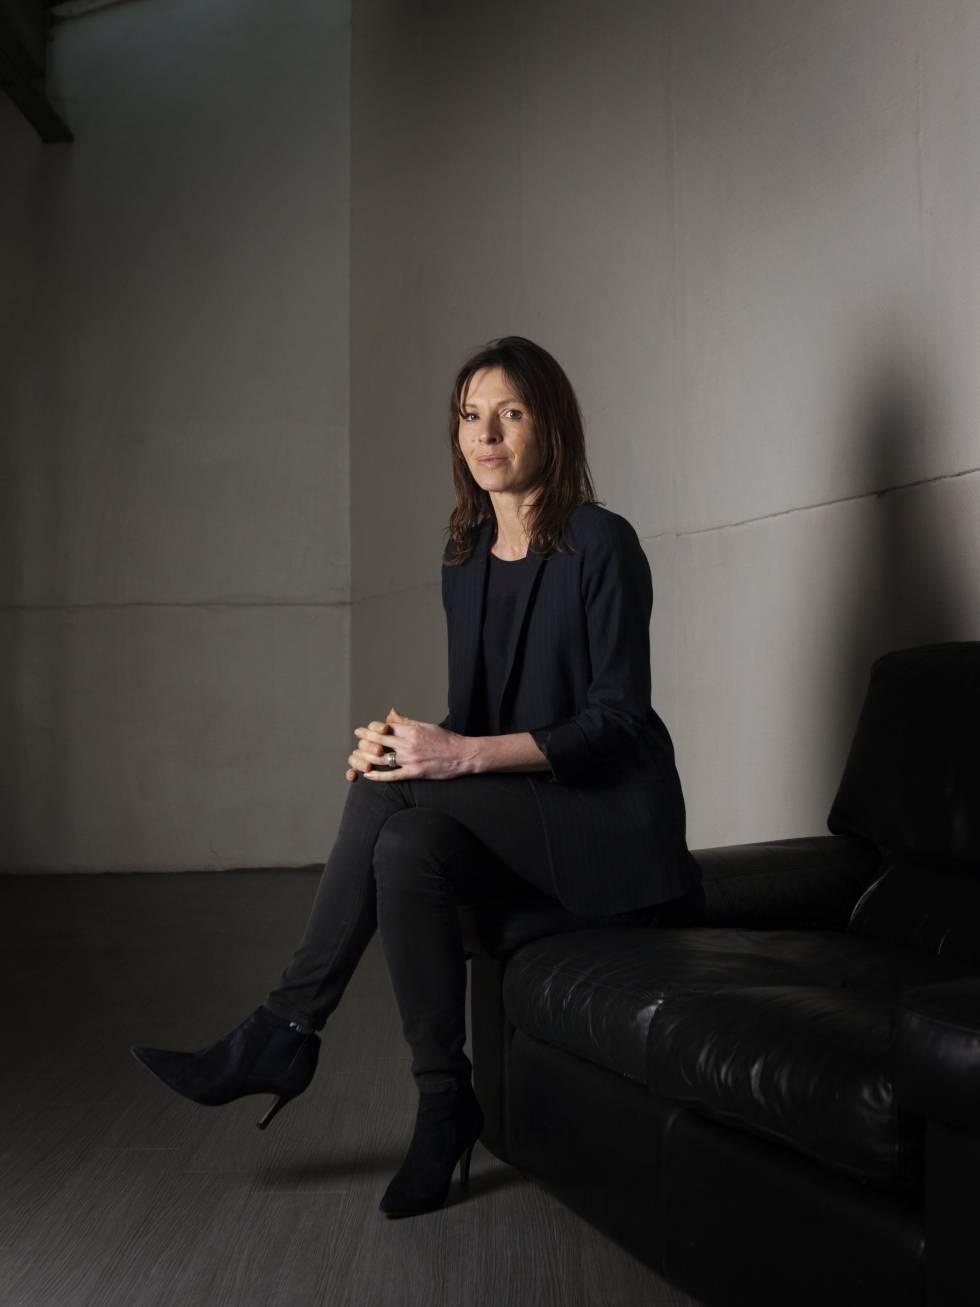 La escritora Rachel Cusk, en una imagen de 2016